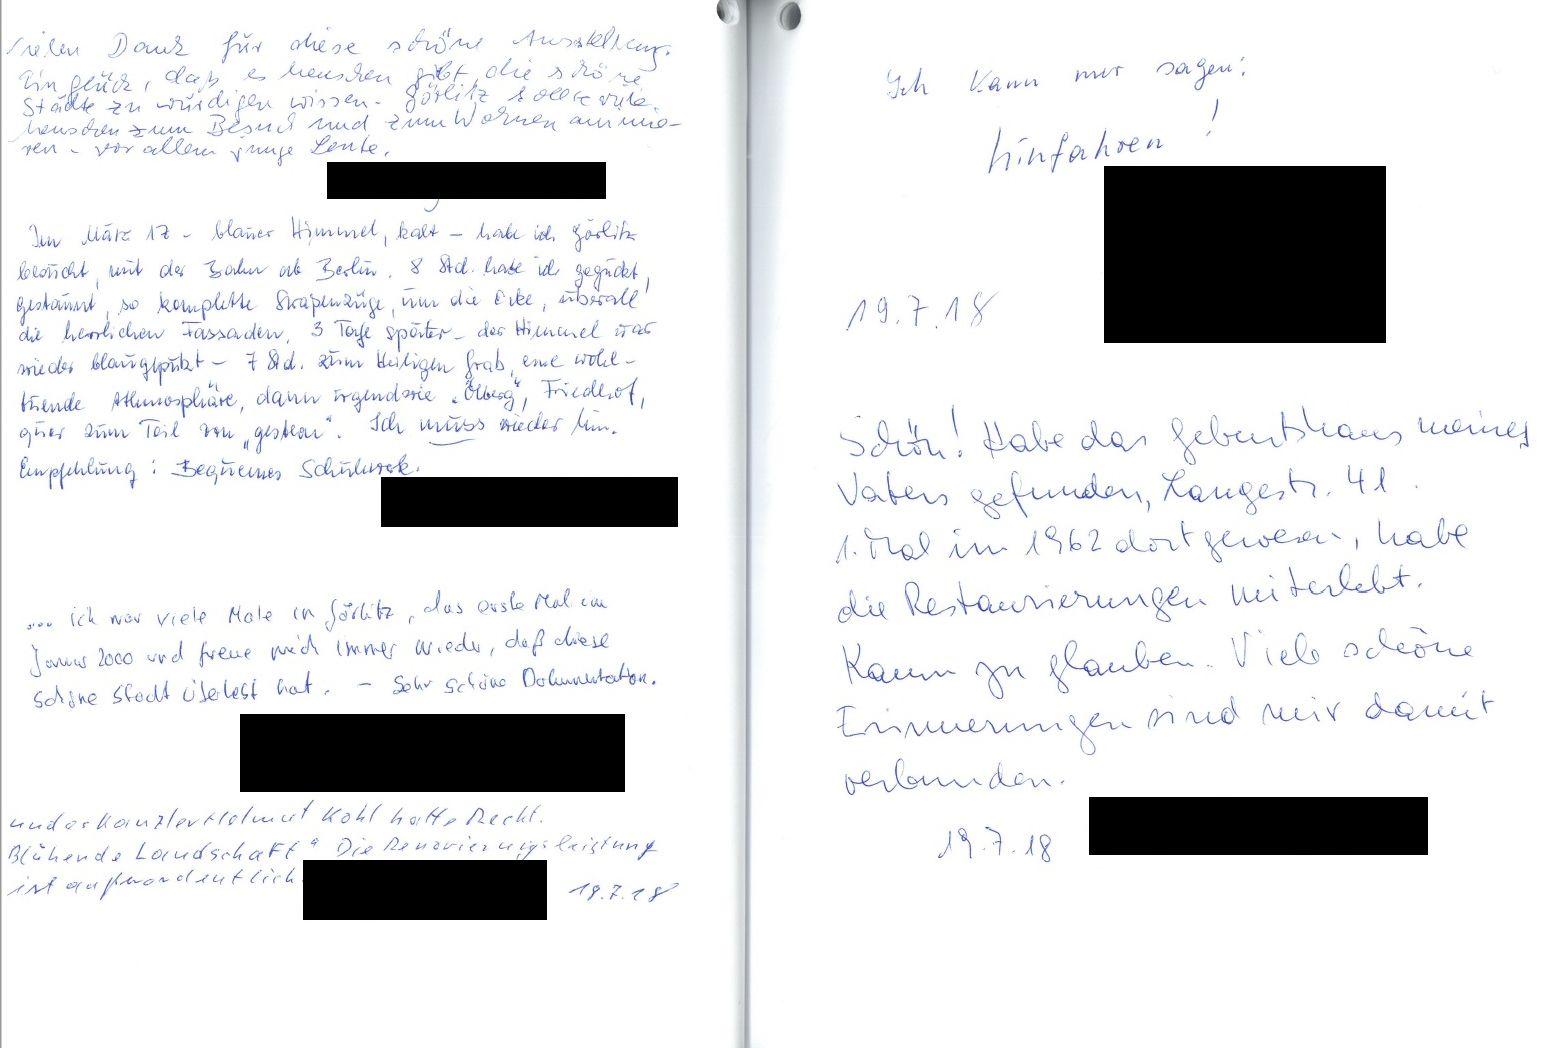 Einträge aus dem Gästebuch der Ausstellung